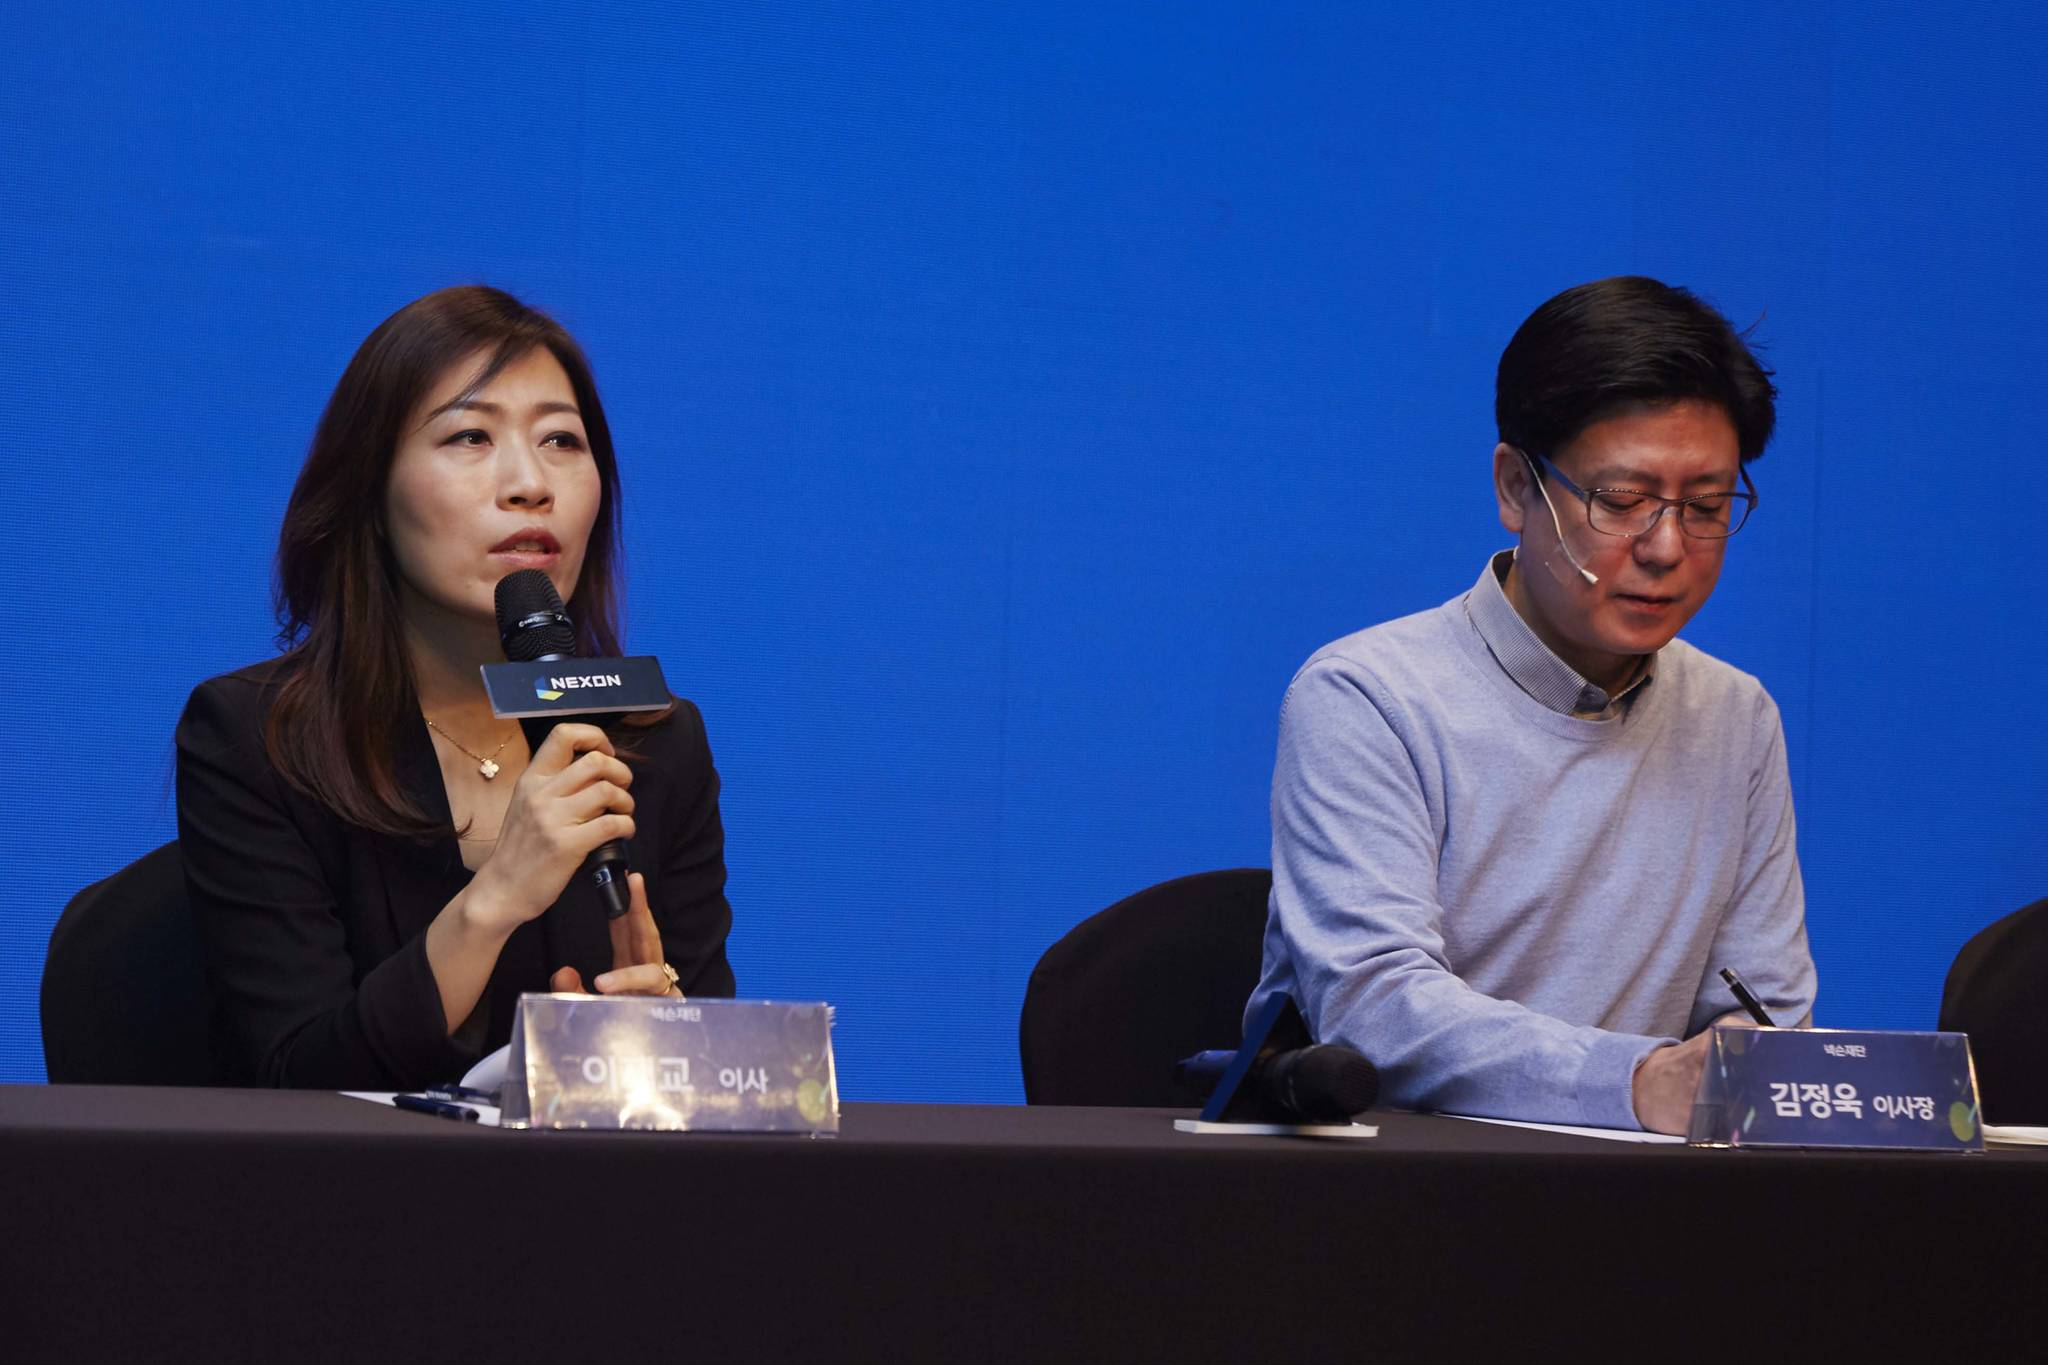 넥슨재단 설립을 발표하는 김정욱 넥슨재단 이사장(오른쪽)과 이재교 이사. [사진 넥슨코리아]